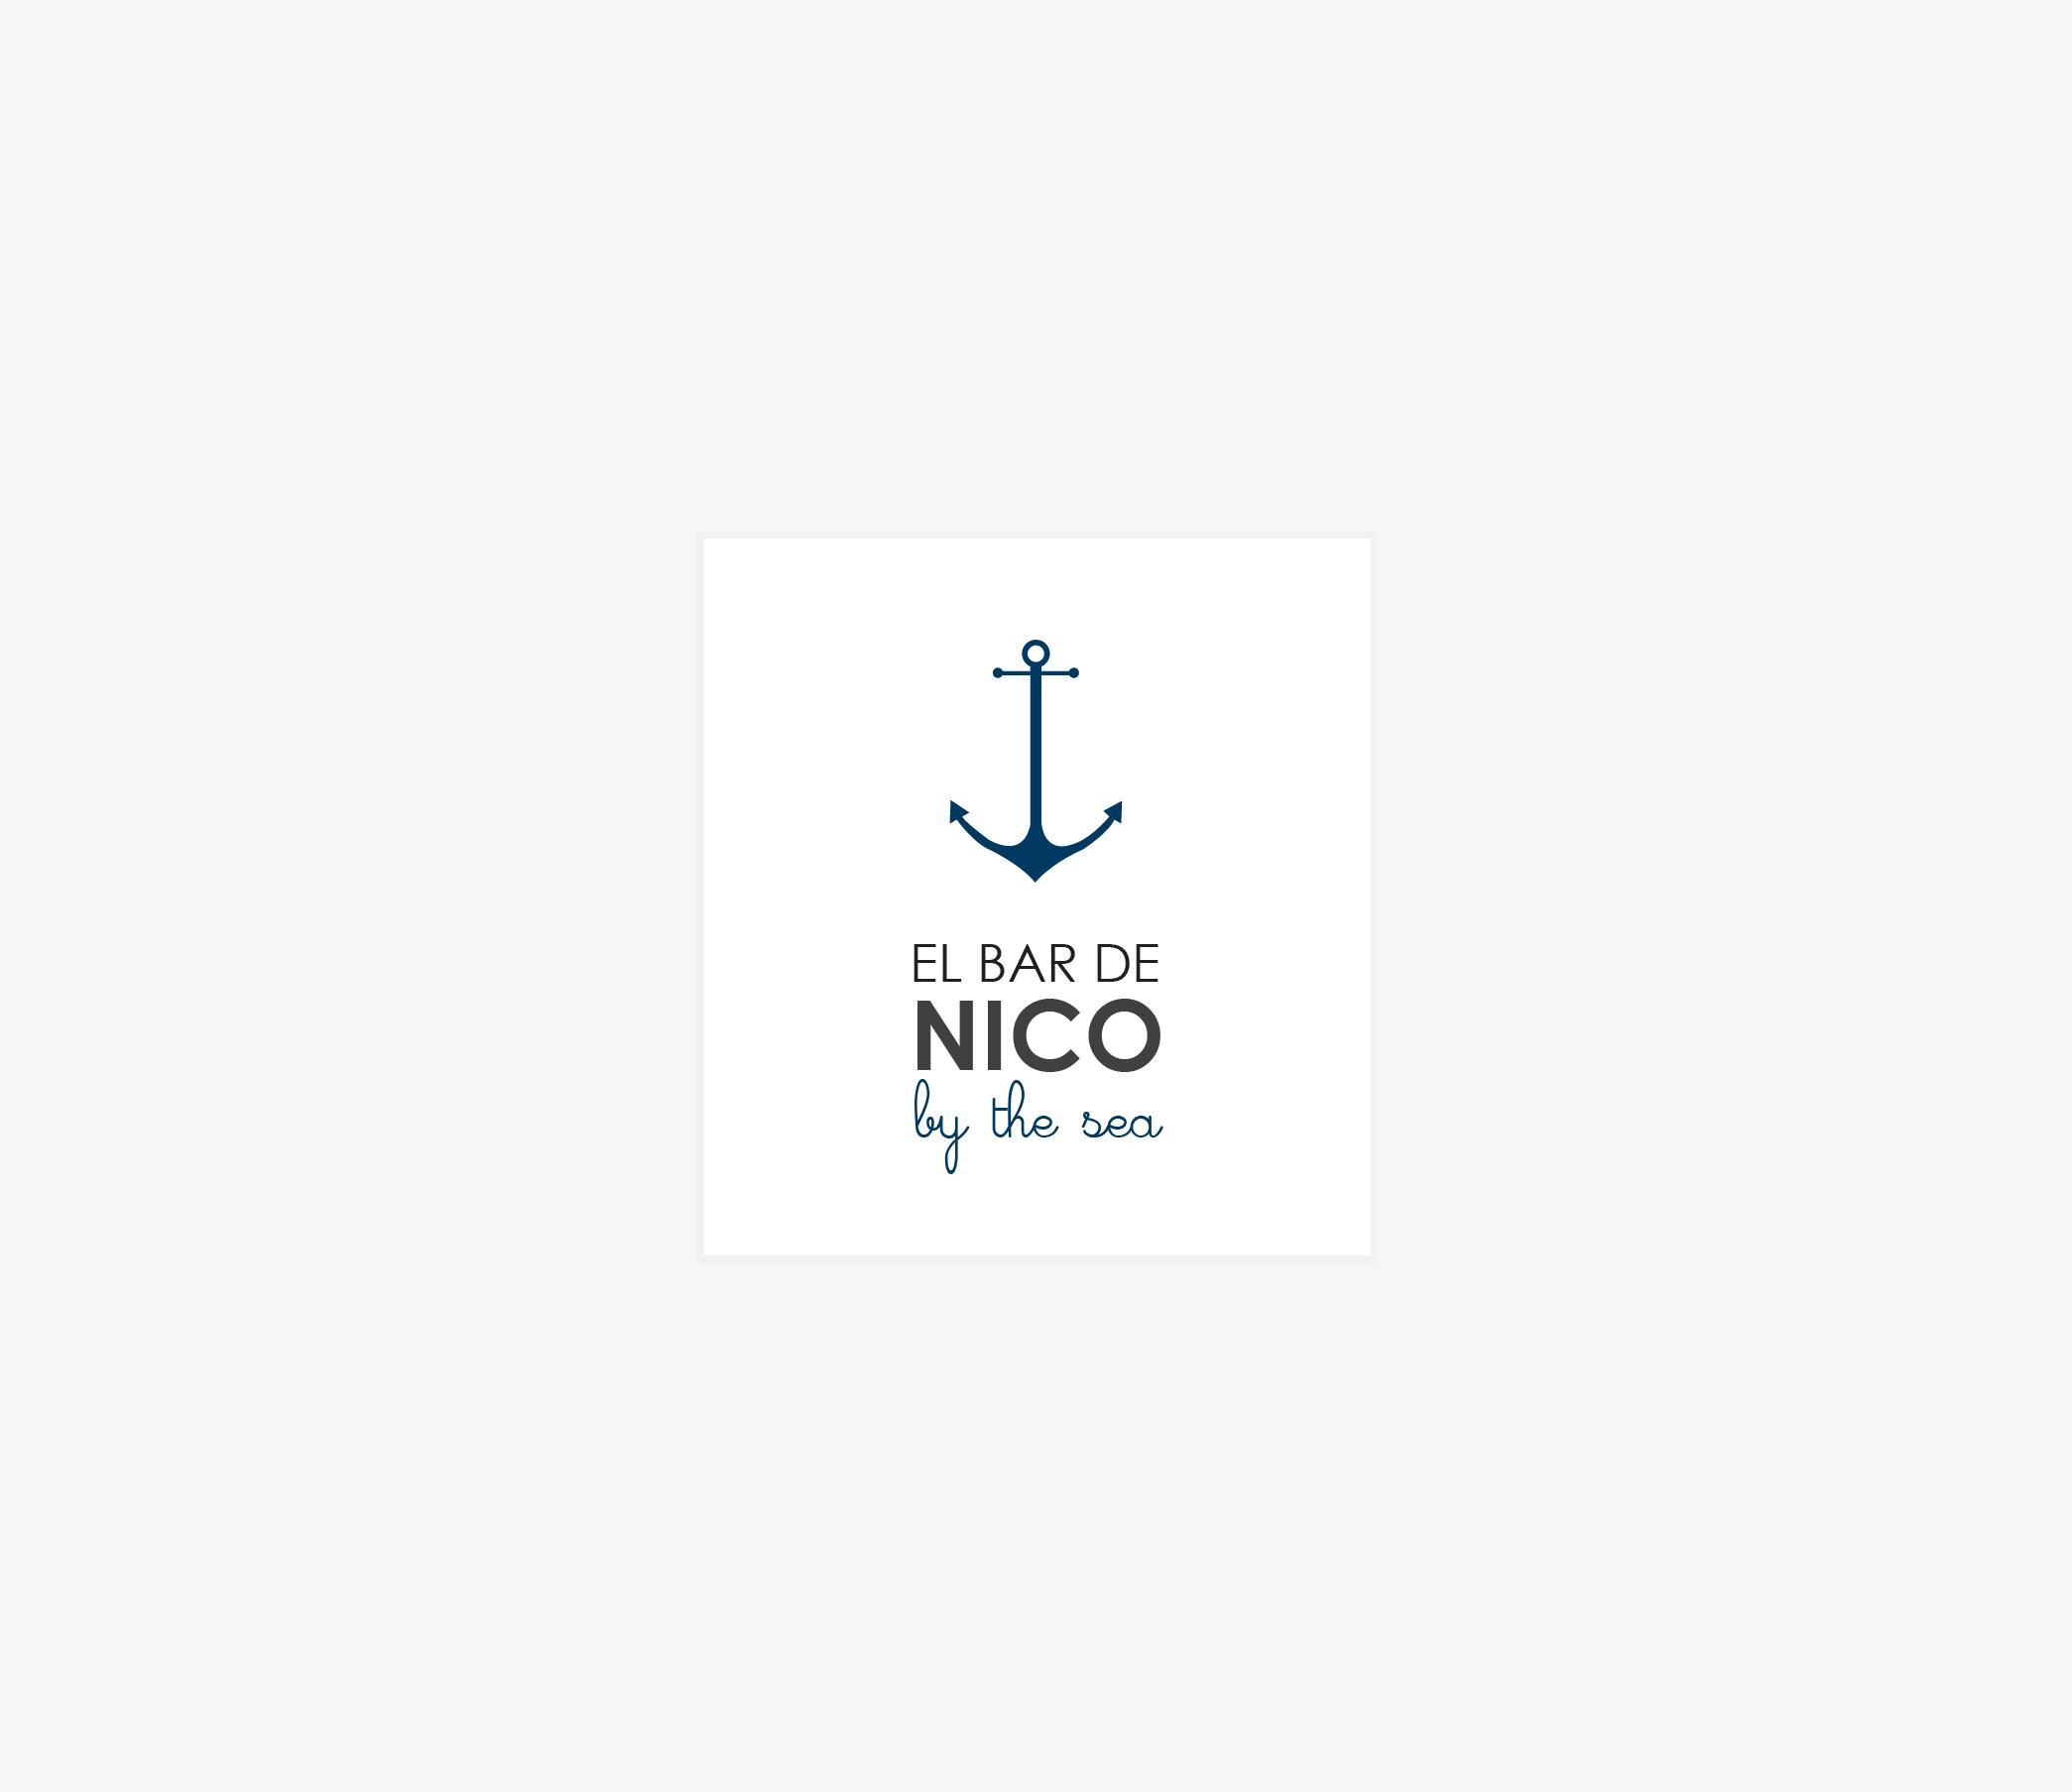 Logotipo del Bar de Nico